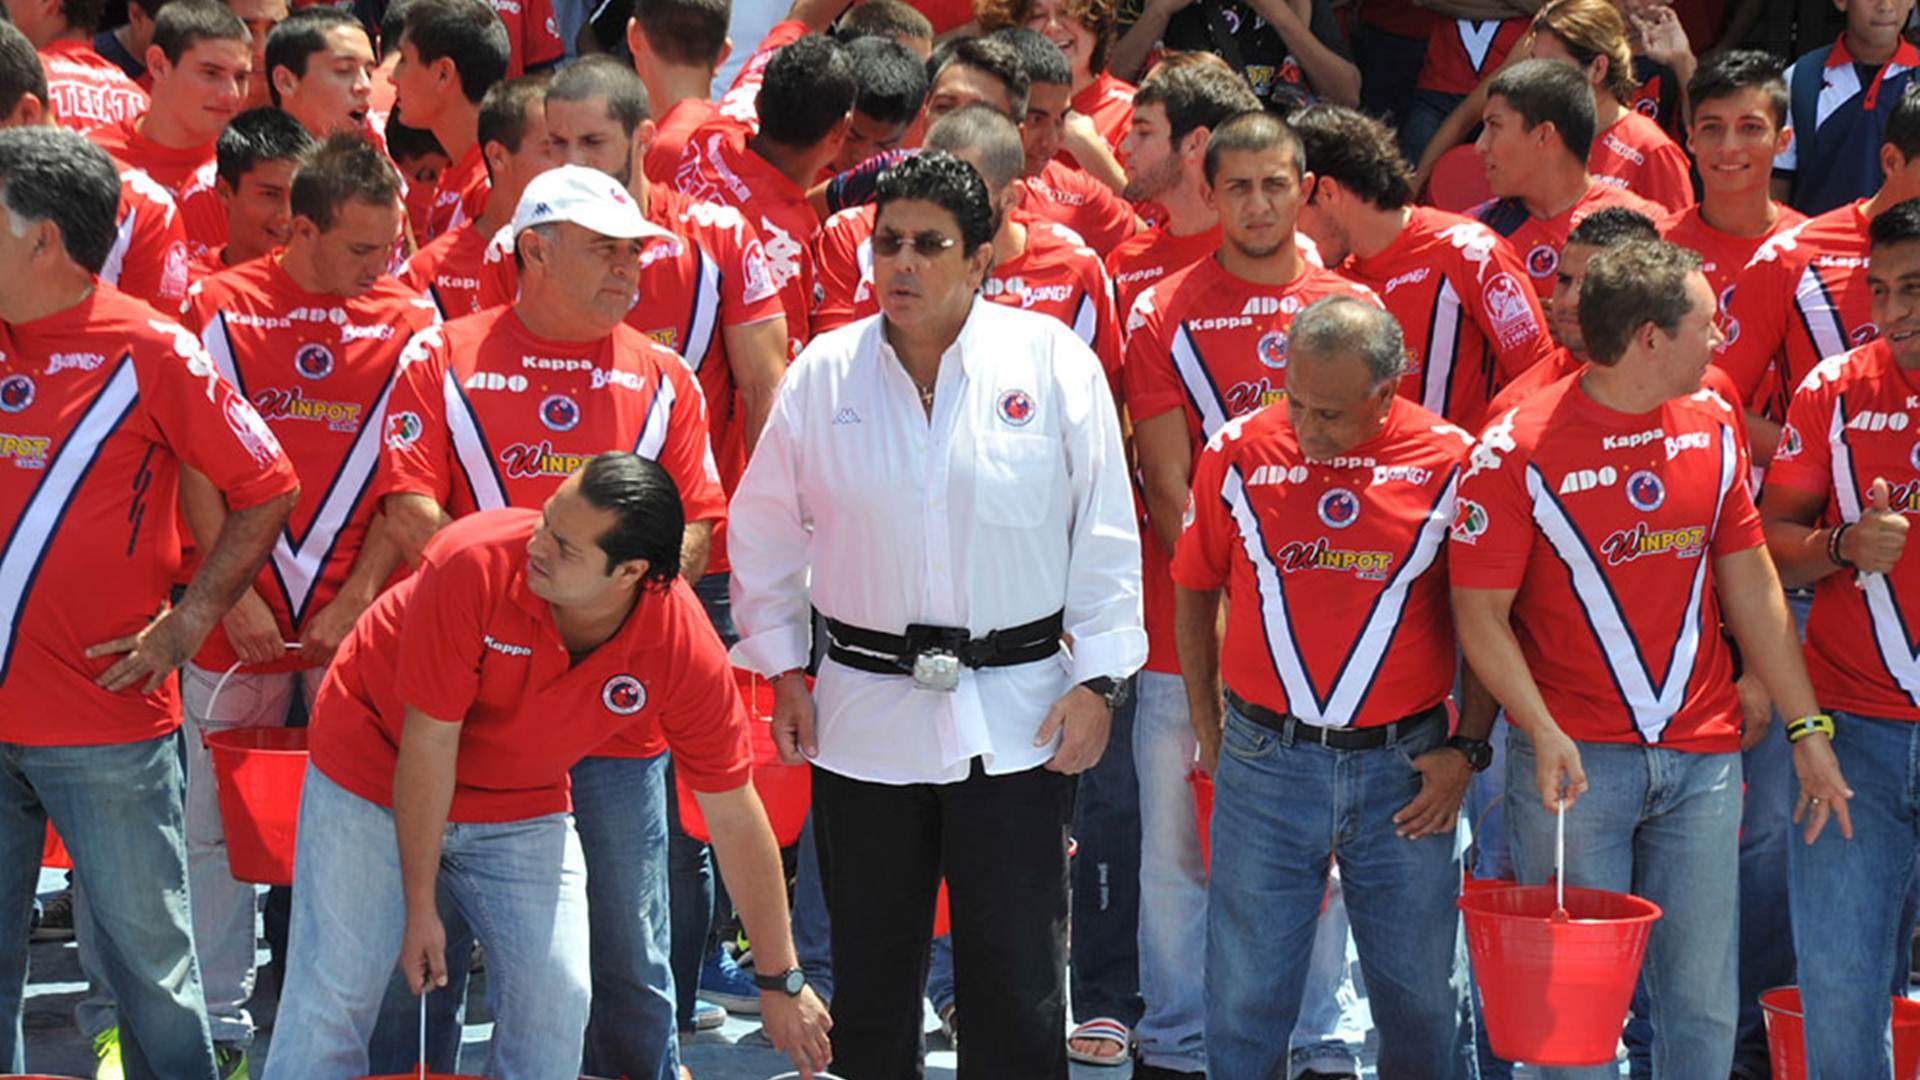 Mejorar a Veracruz, Fidel Kuri, Dueño, Renunciara, Política, Regresara, Futbol, Resultados